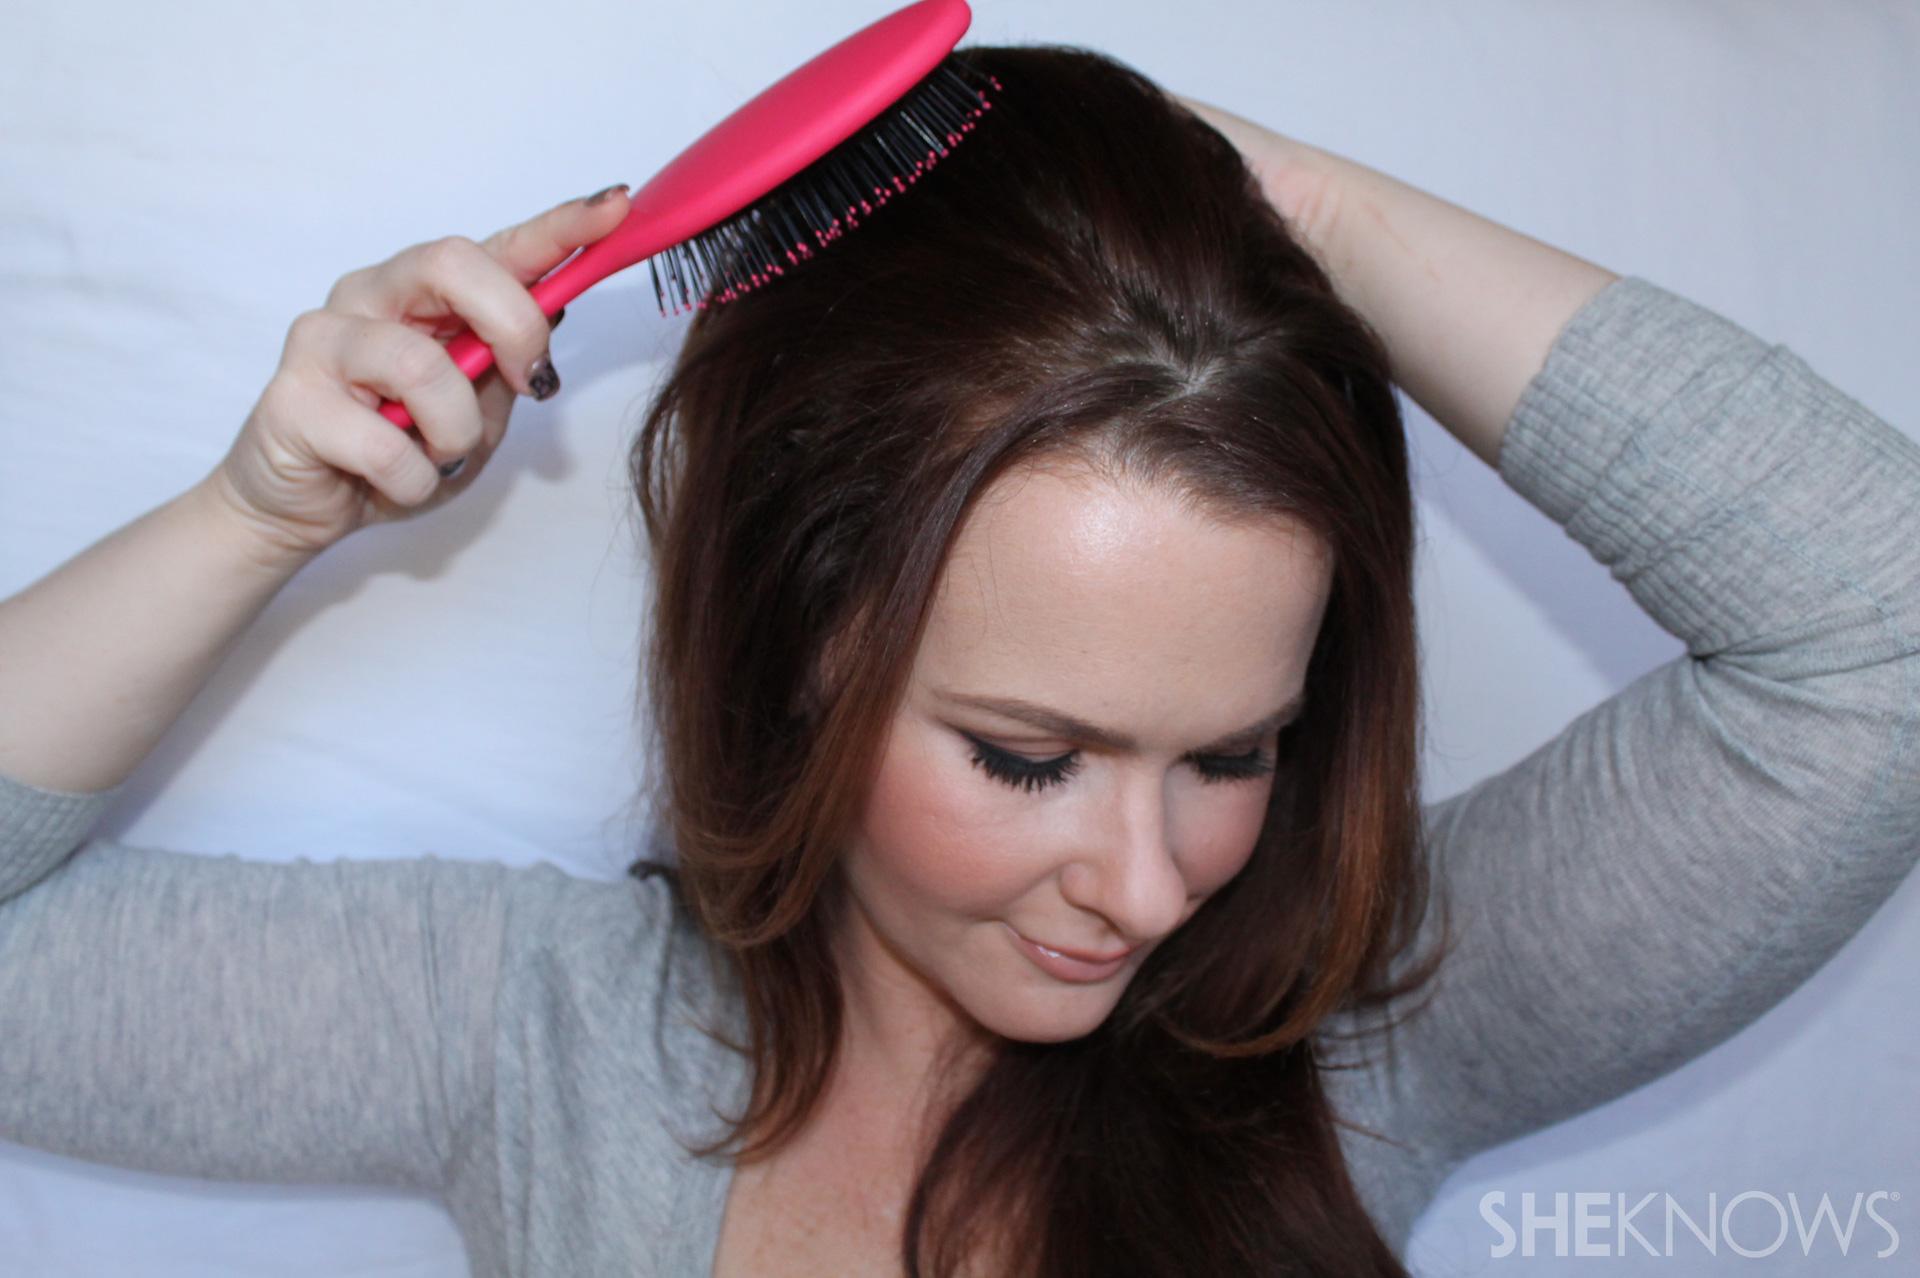 Thin hair tutorial | Sheknows.com - step 06